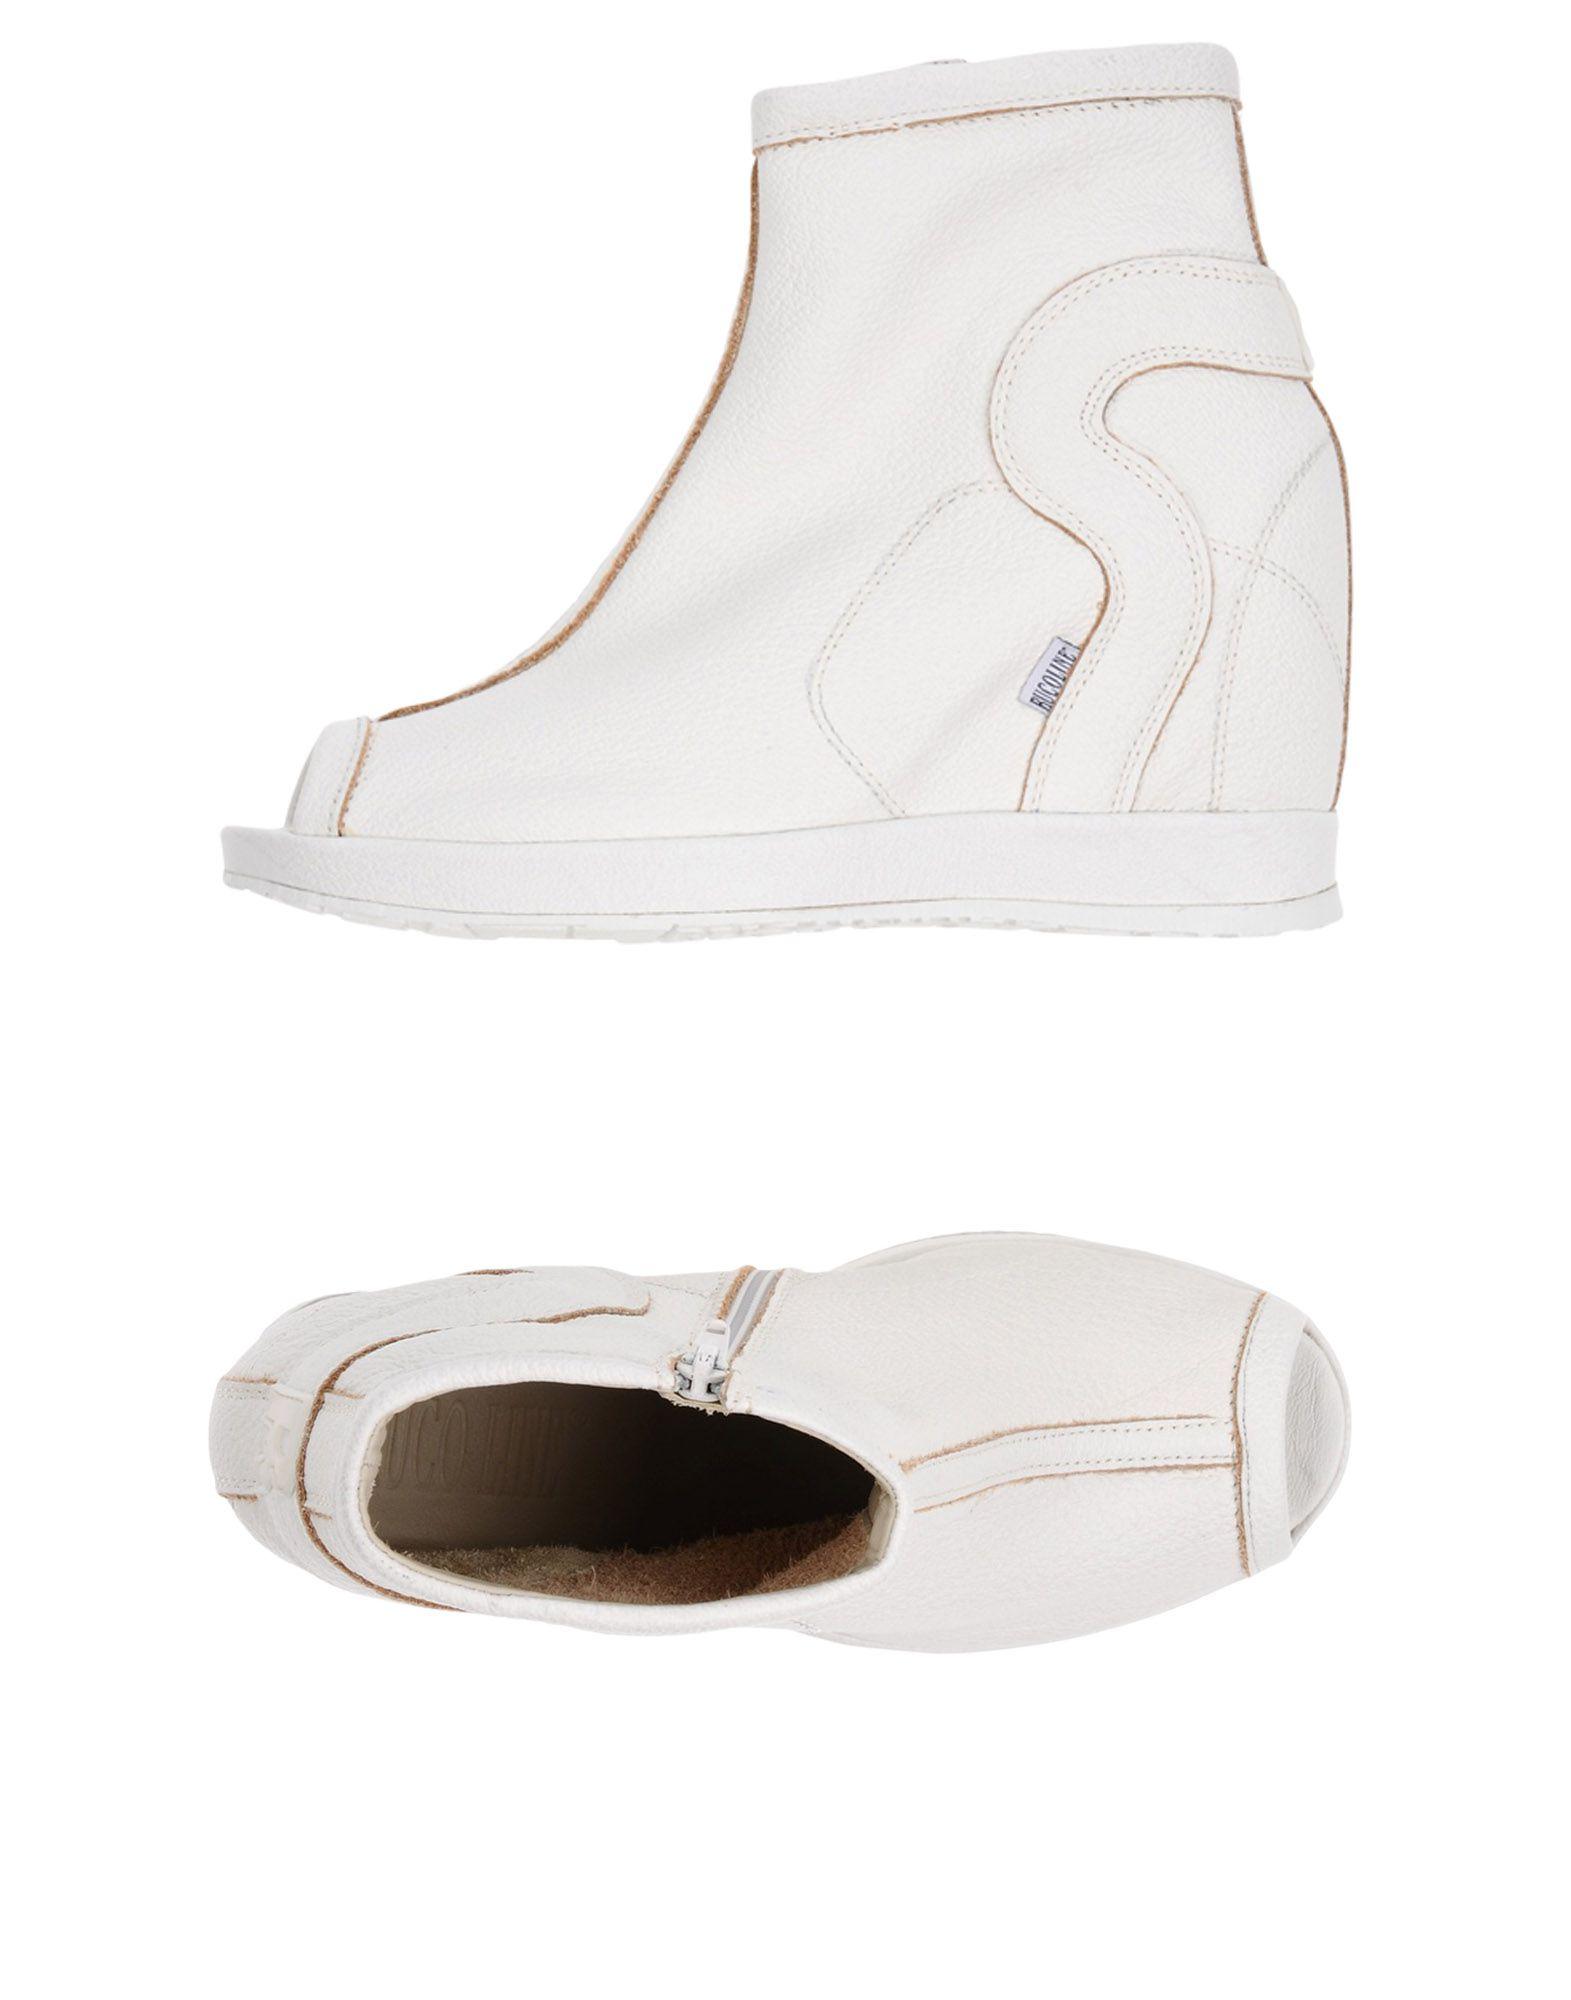 Ruco Line Sneakers Damen Gutes es Preis-Leistungs-Verhältnis, es Gutes lohnt sich 864c48